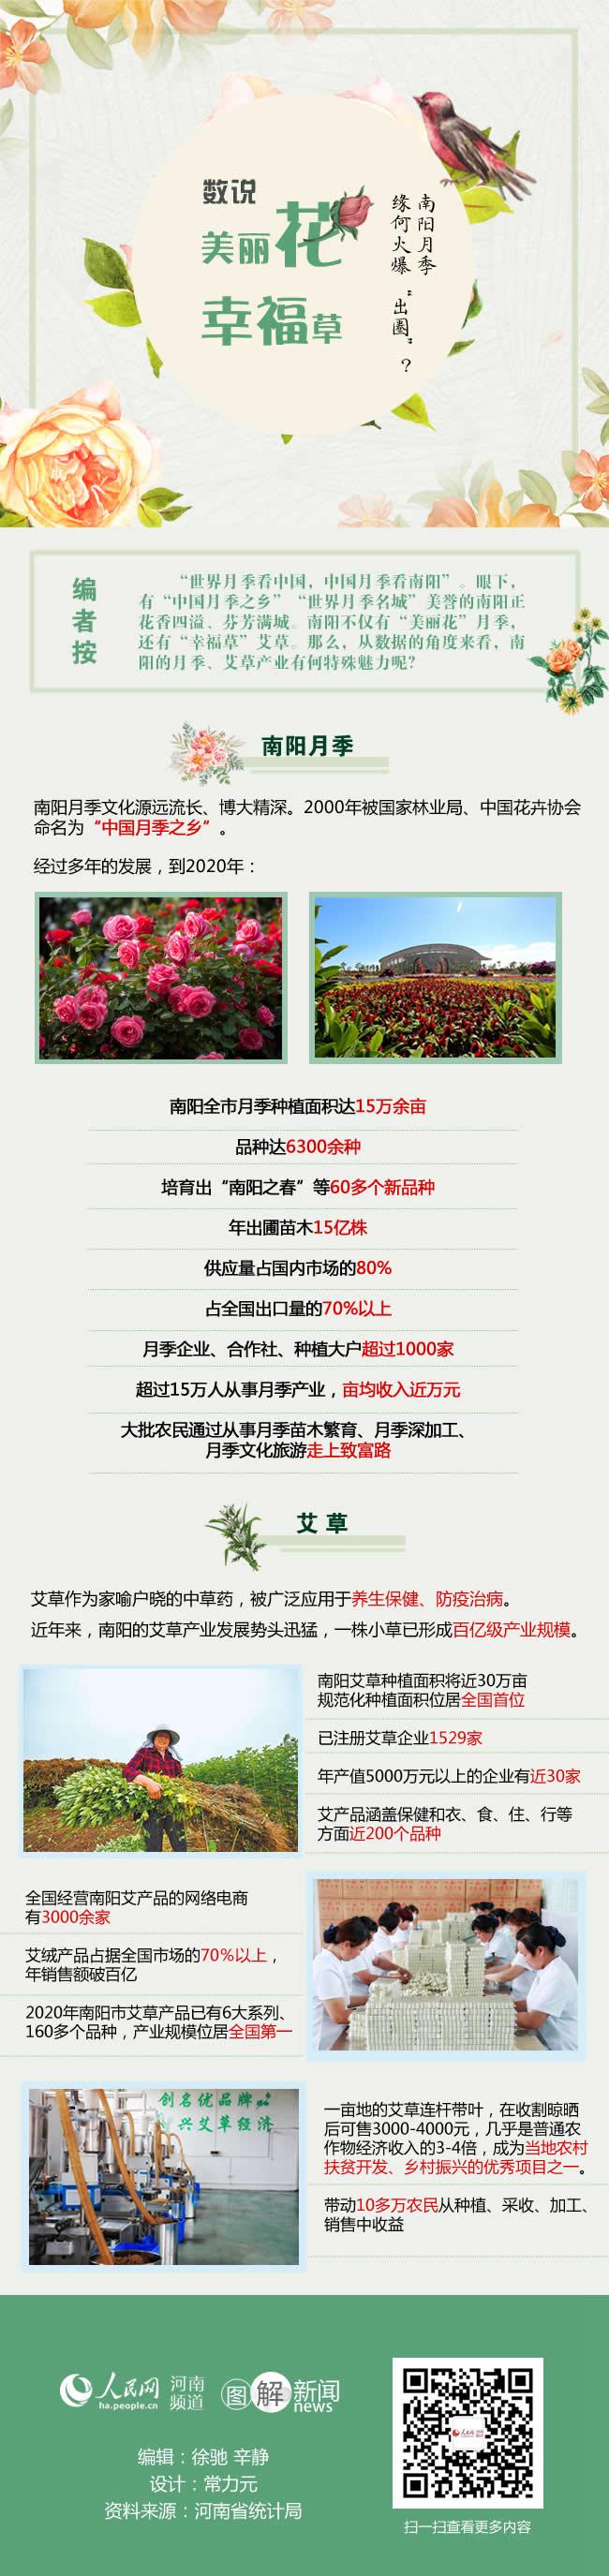 """南阳月季凭啥火爆""""出圈""""? """"数""""说""""美丽花""""""""幸福草"""""""